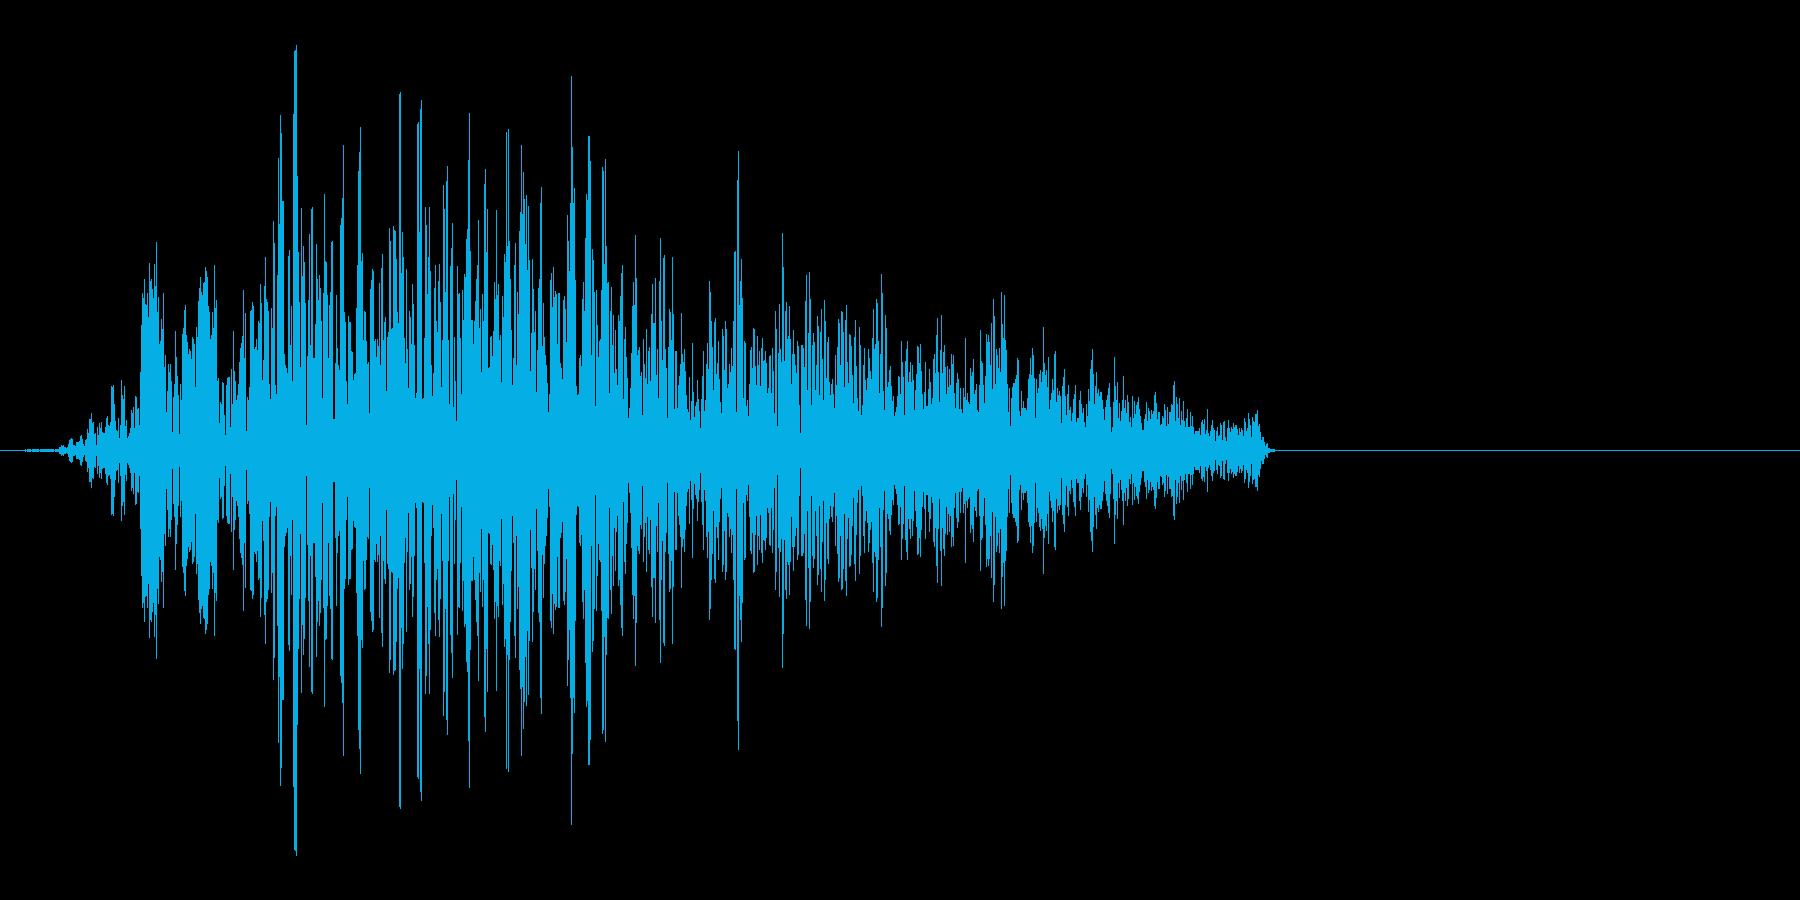 重力系の魔法をイメージした効果音ですの再生済みの波形